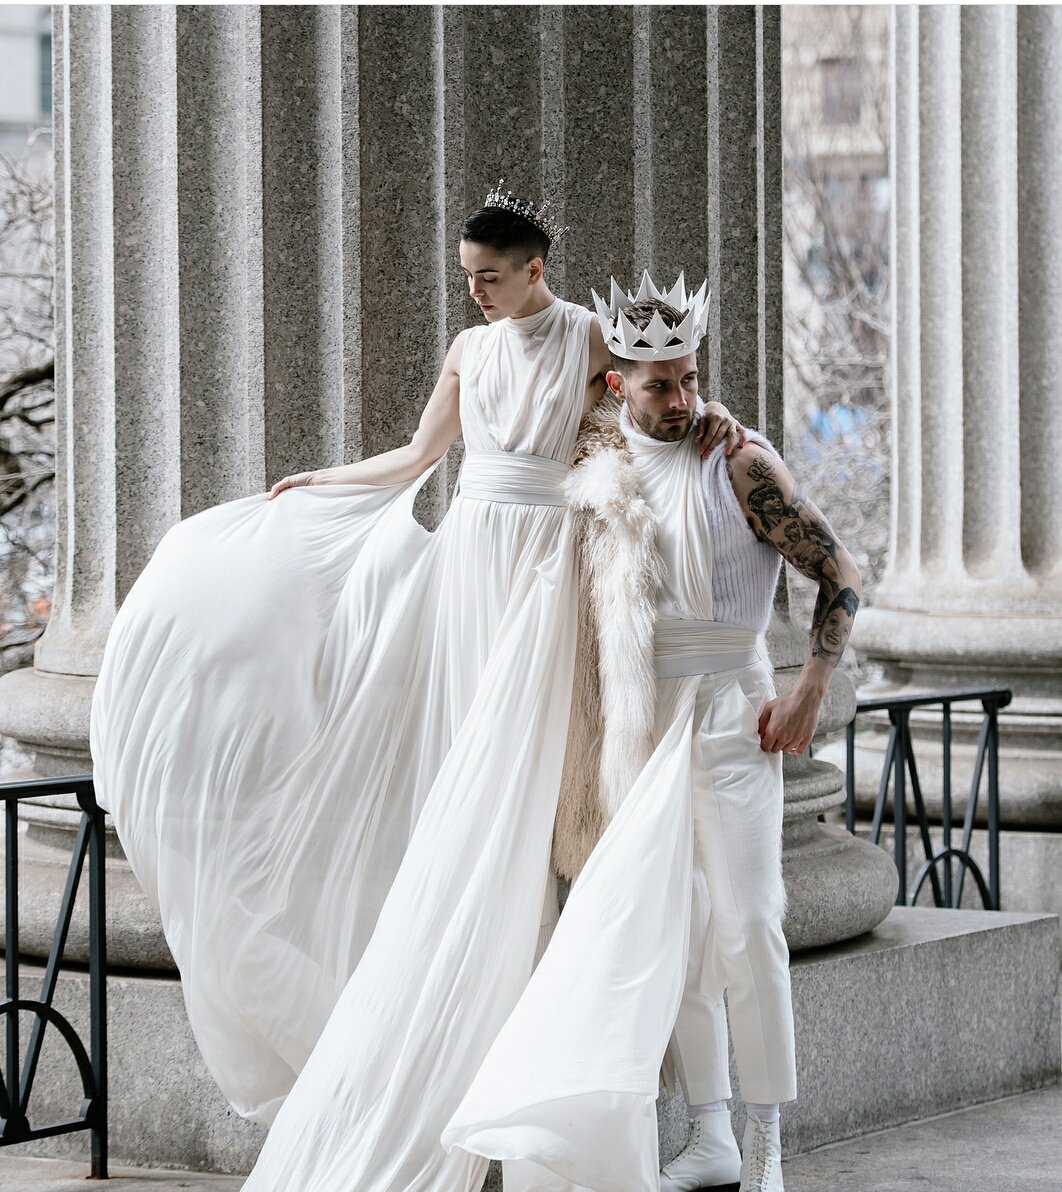 самые необычные невесты фото наизусть